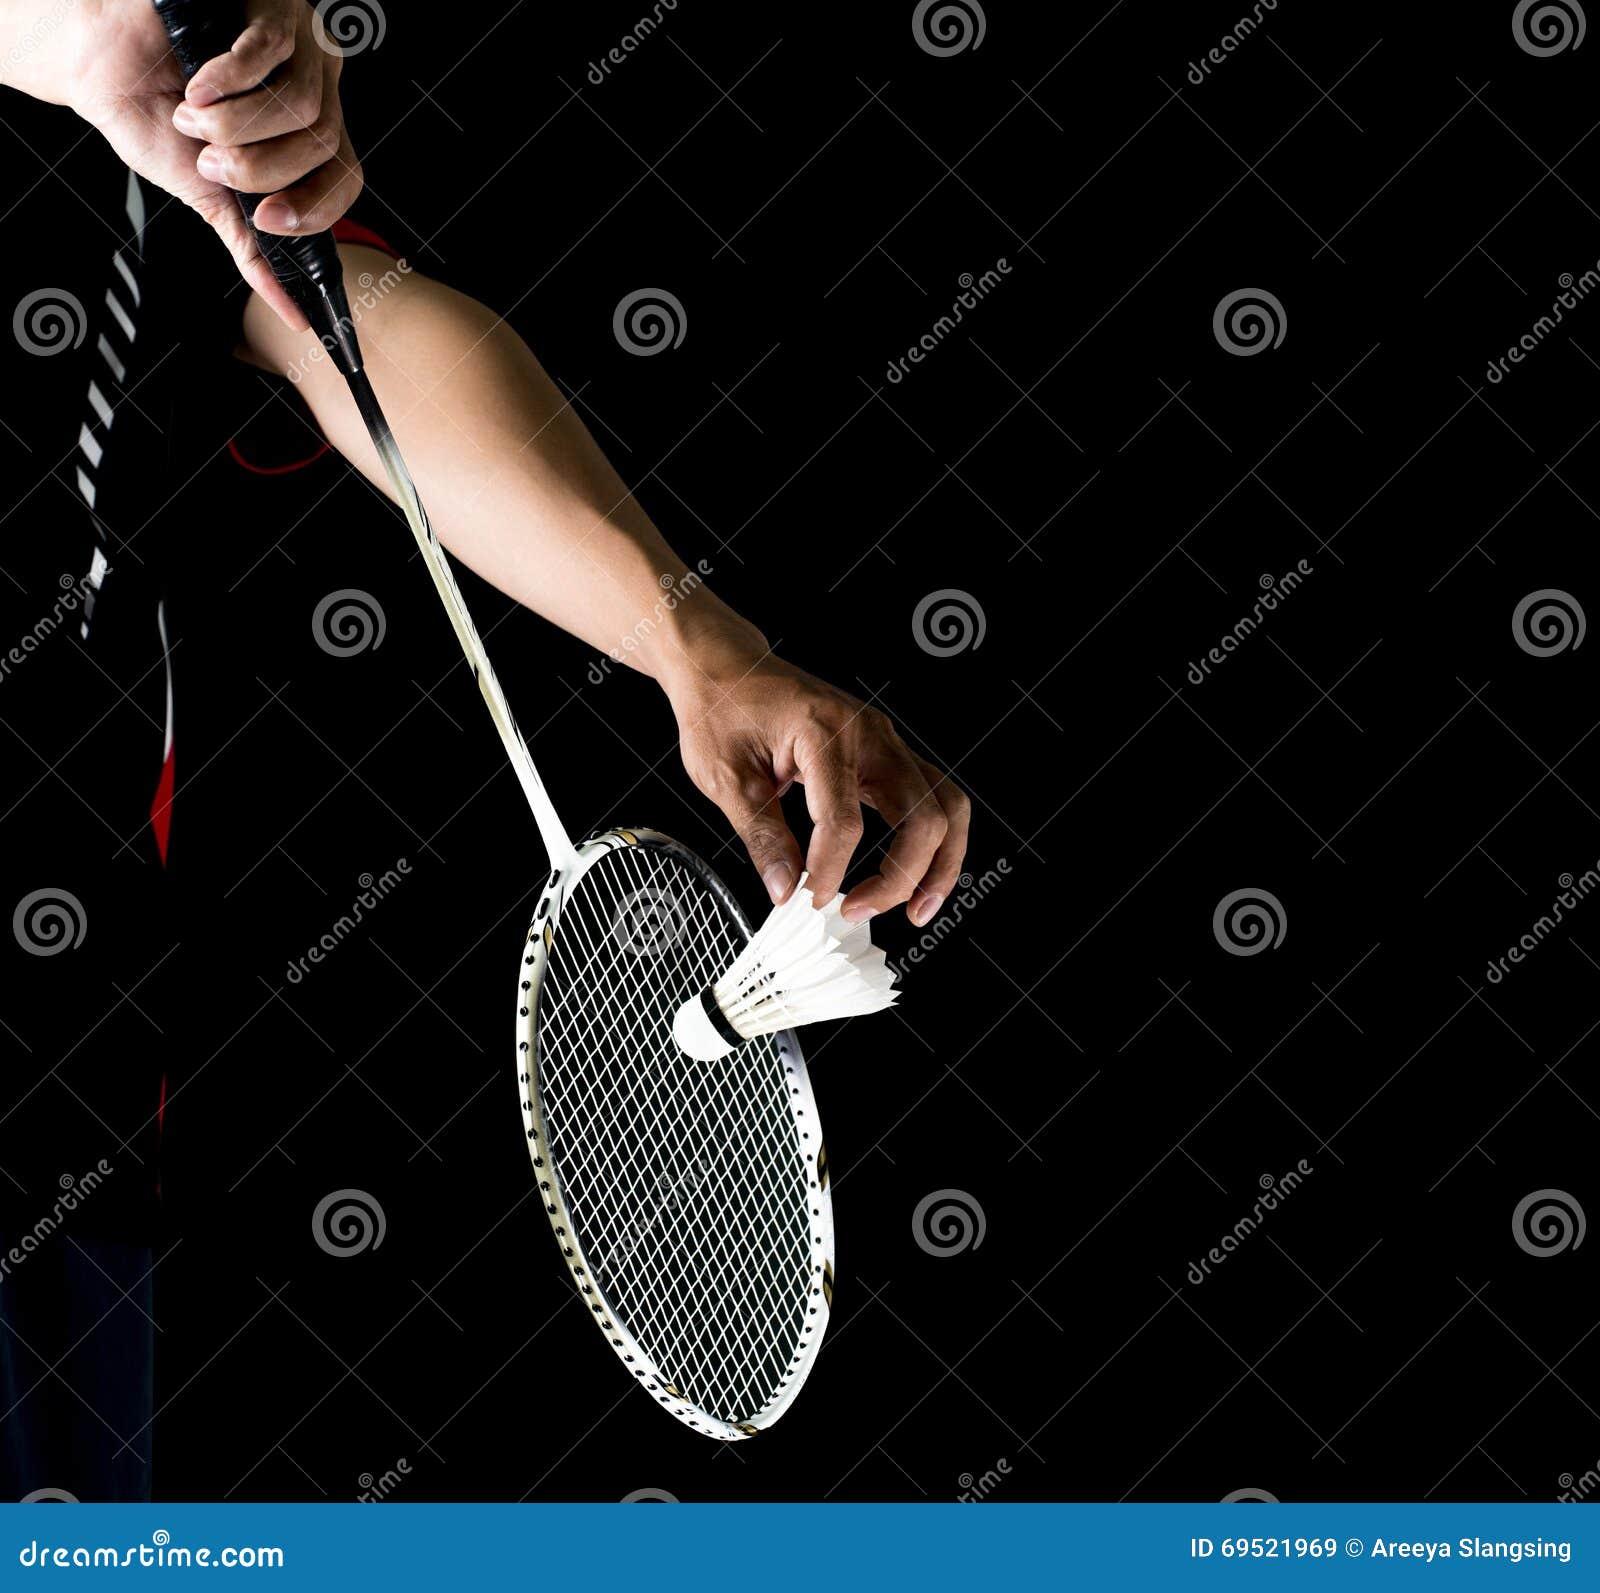 Badmintonspieler, der Schläger und Federball hält